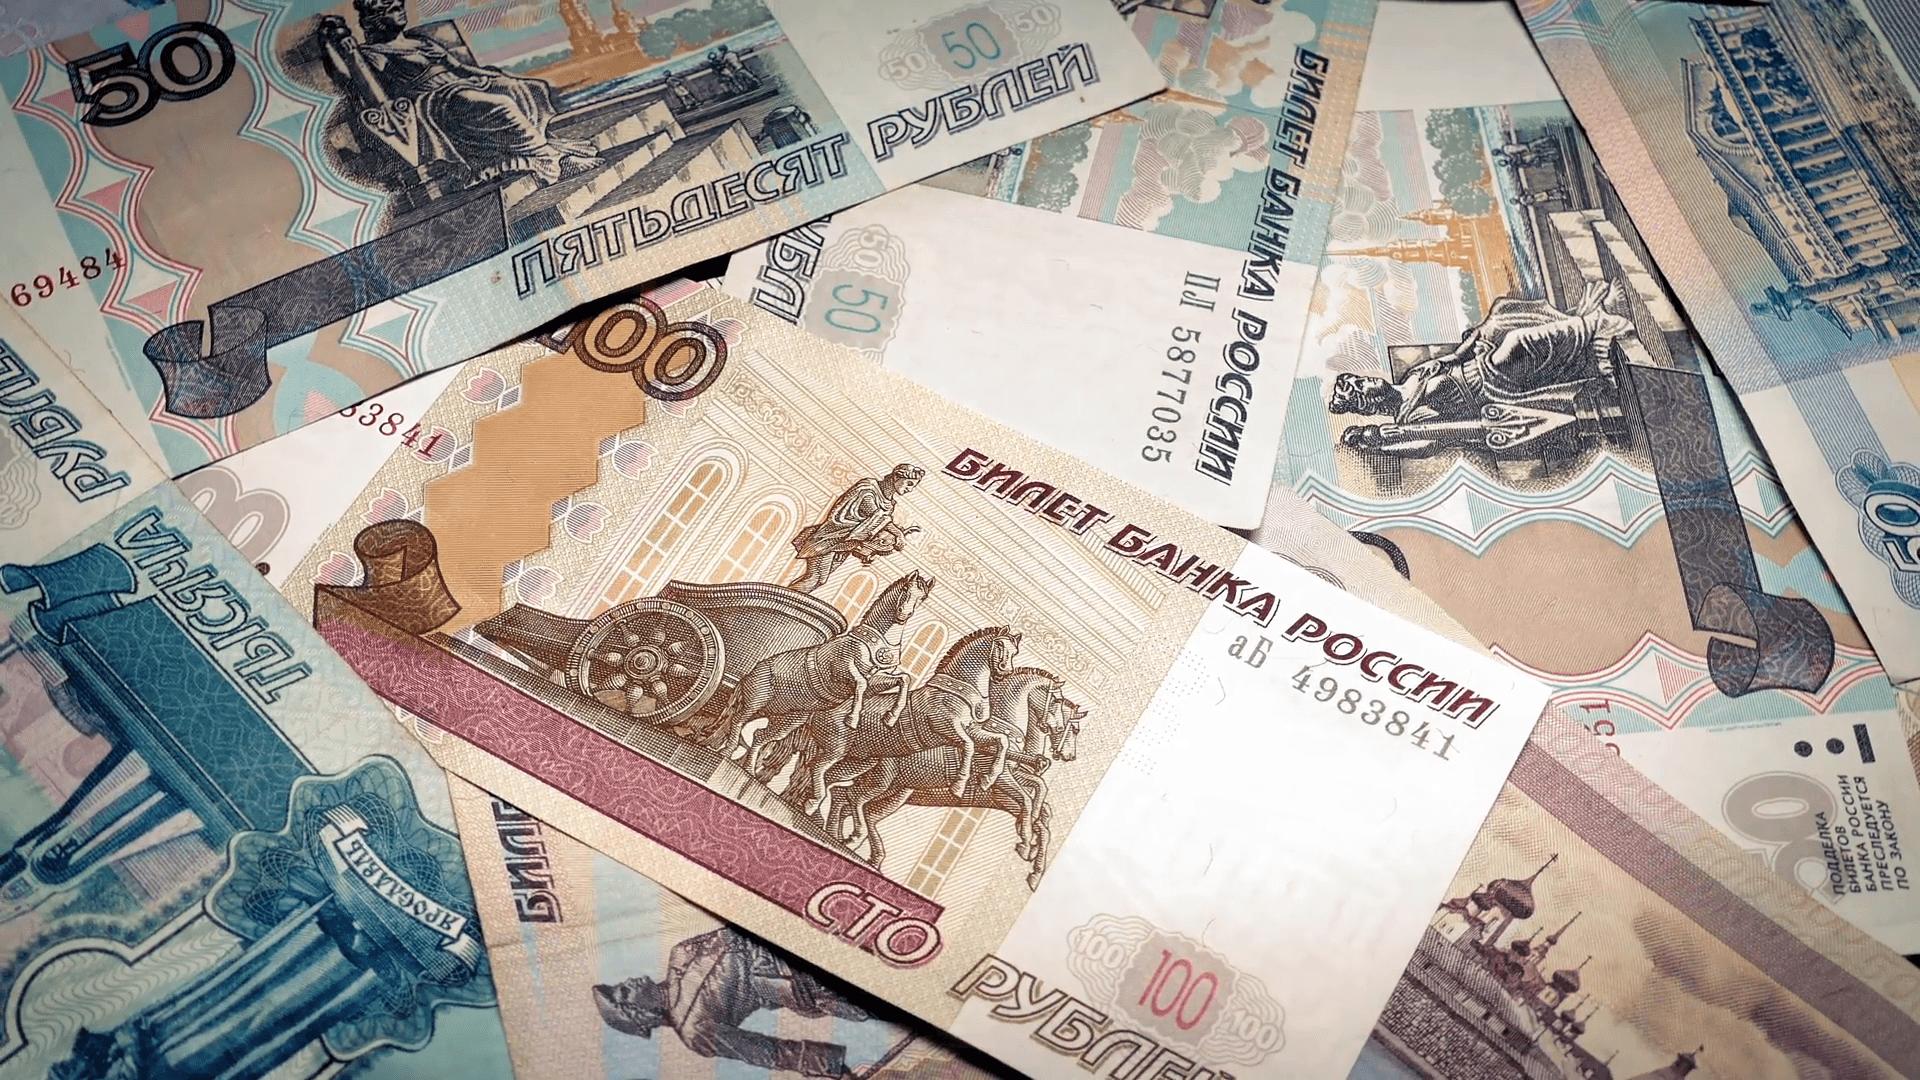 Kamboçyanın para birimi: tarih, döviz, fotoğraf 59